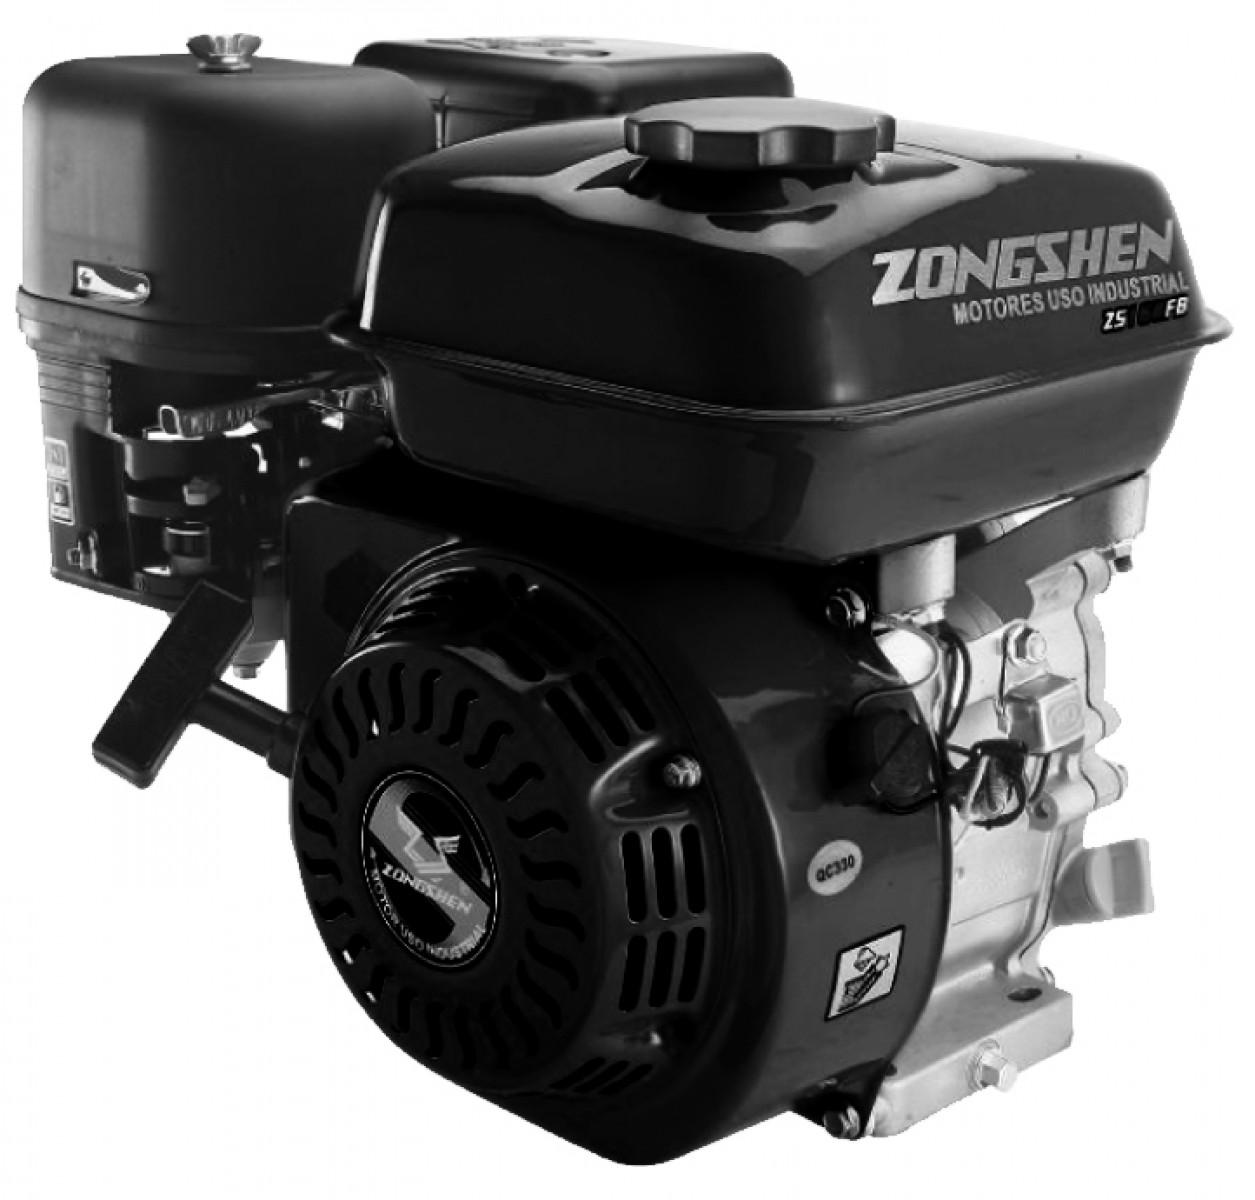 Motor ZONGSHEN 188F 389cc 13,0 horizontální hřídel